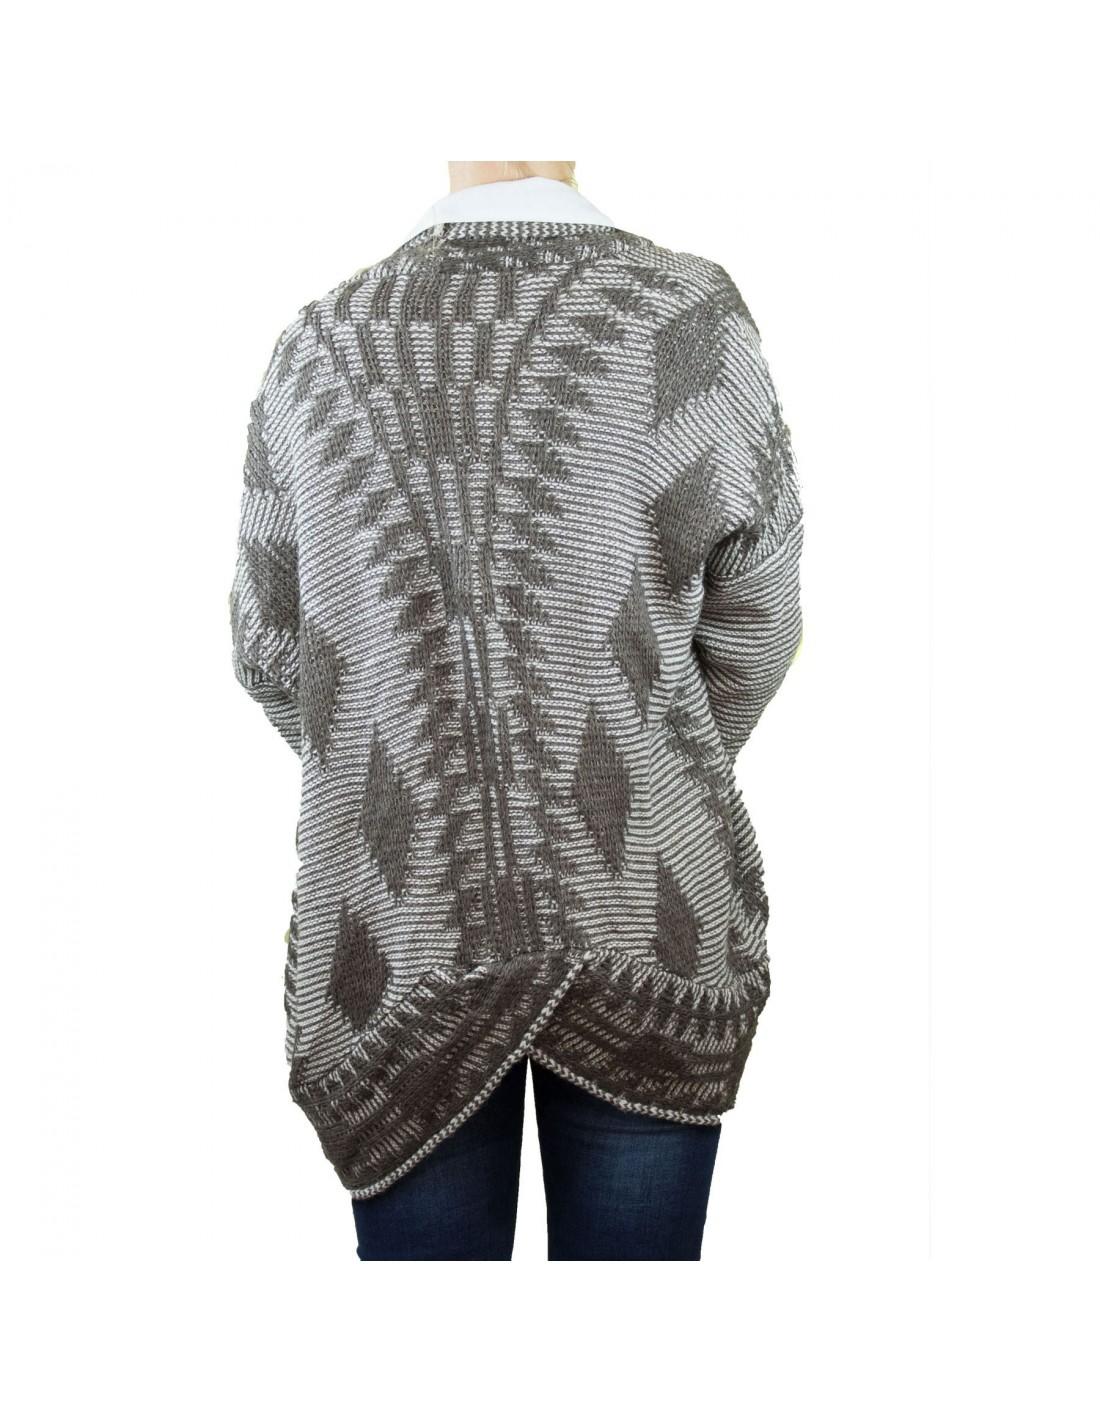 prix le plus bas 540c4 a5559 Gilet femme mi long ouvert aspect laine tricot & col revers ...